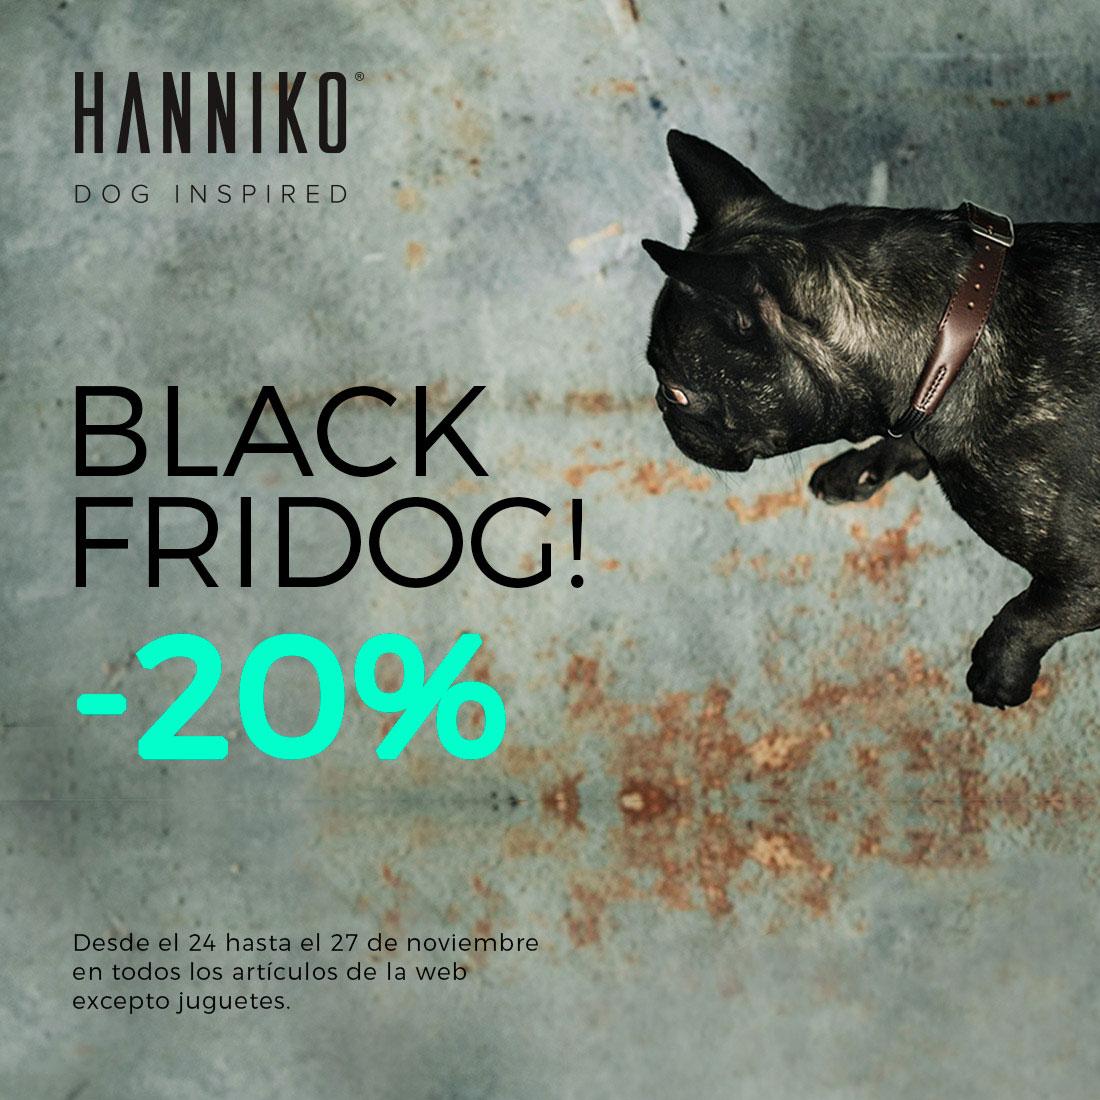 BLACK FRIDOG en HANNIKO DESIGN